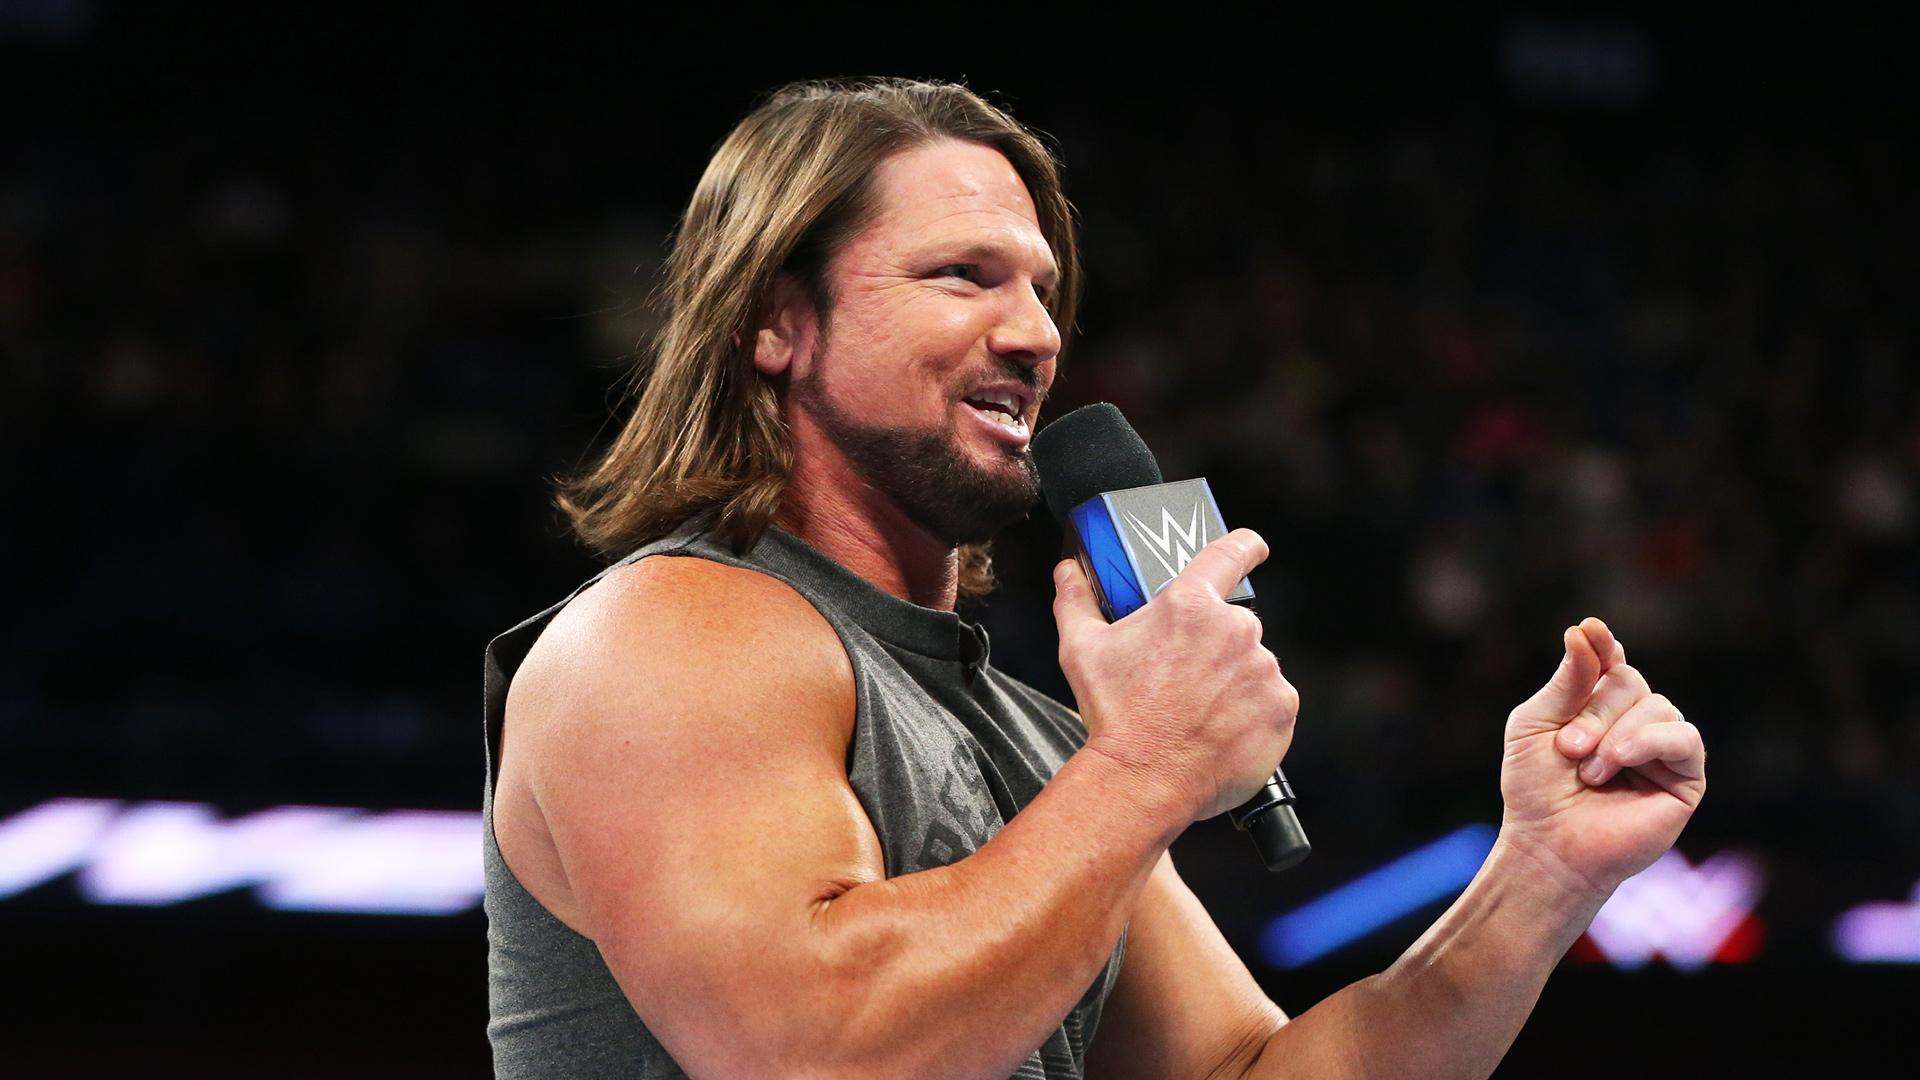 WWE NEWS: फैन ने एजे स्टाइल्स से पूछा कि क्यों नहीं मिली समरस्लैम के पोस्टर में जगह, स्टाइल्स ने दिया स्टाइलिश जवाब